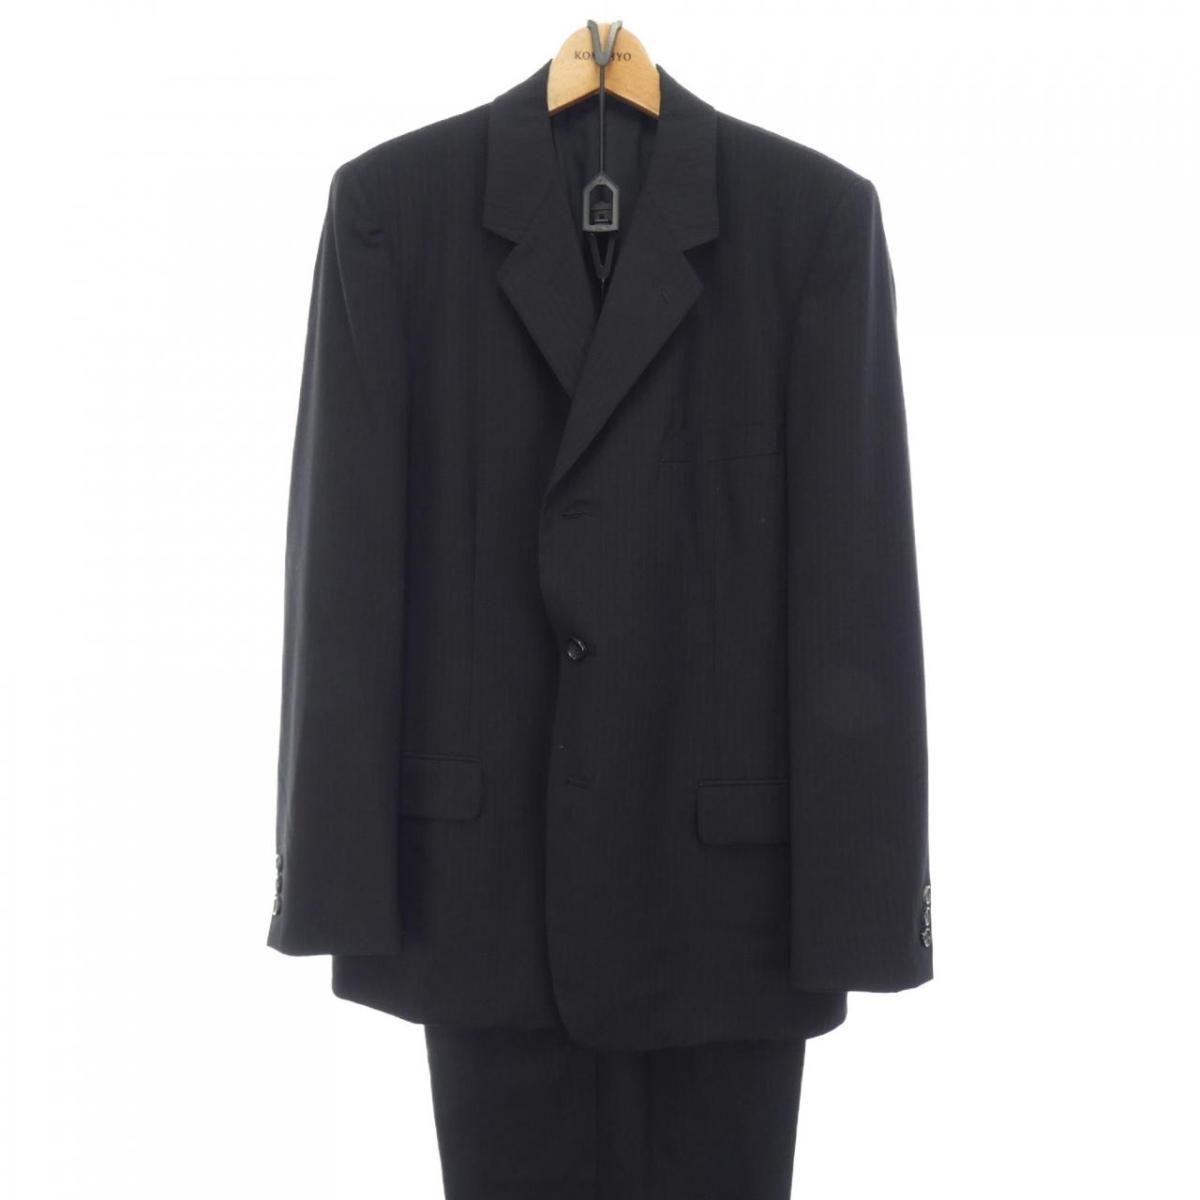 【ヴィンテージ】ワイズフォーメン Y's for men スーツ【中古】